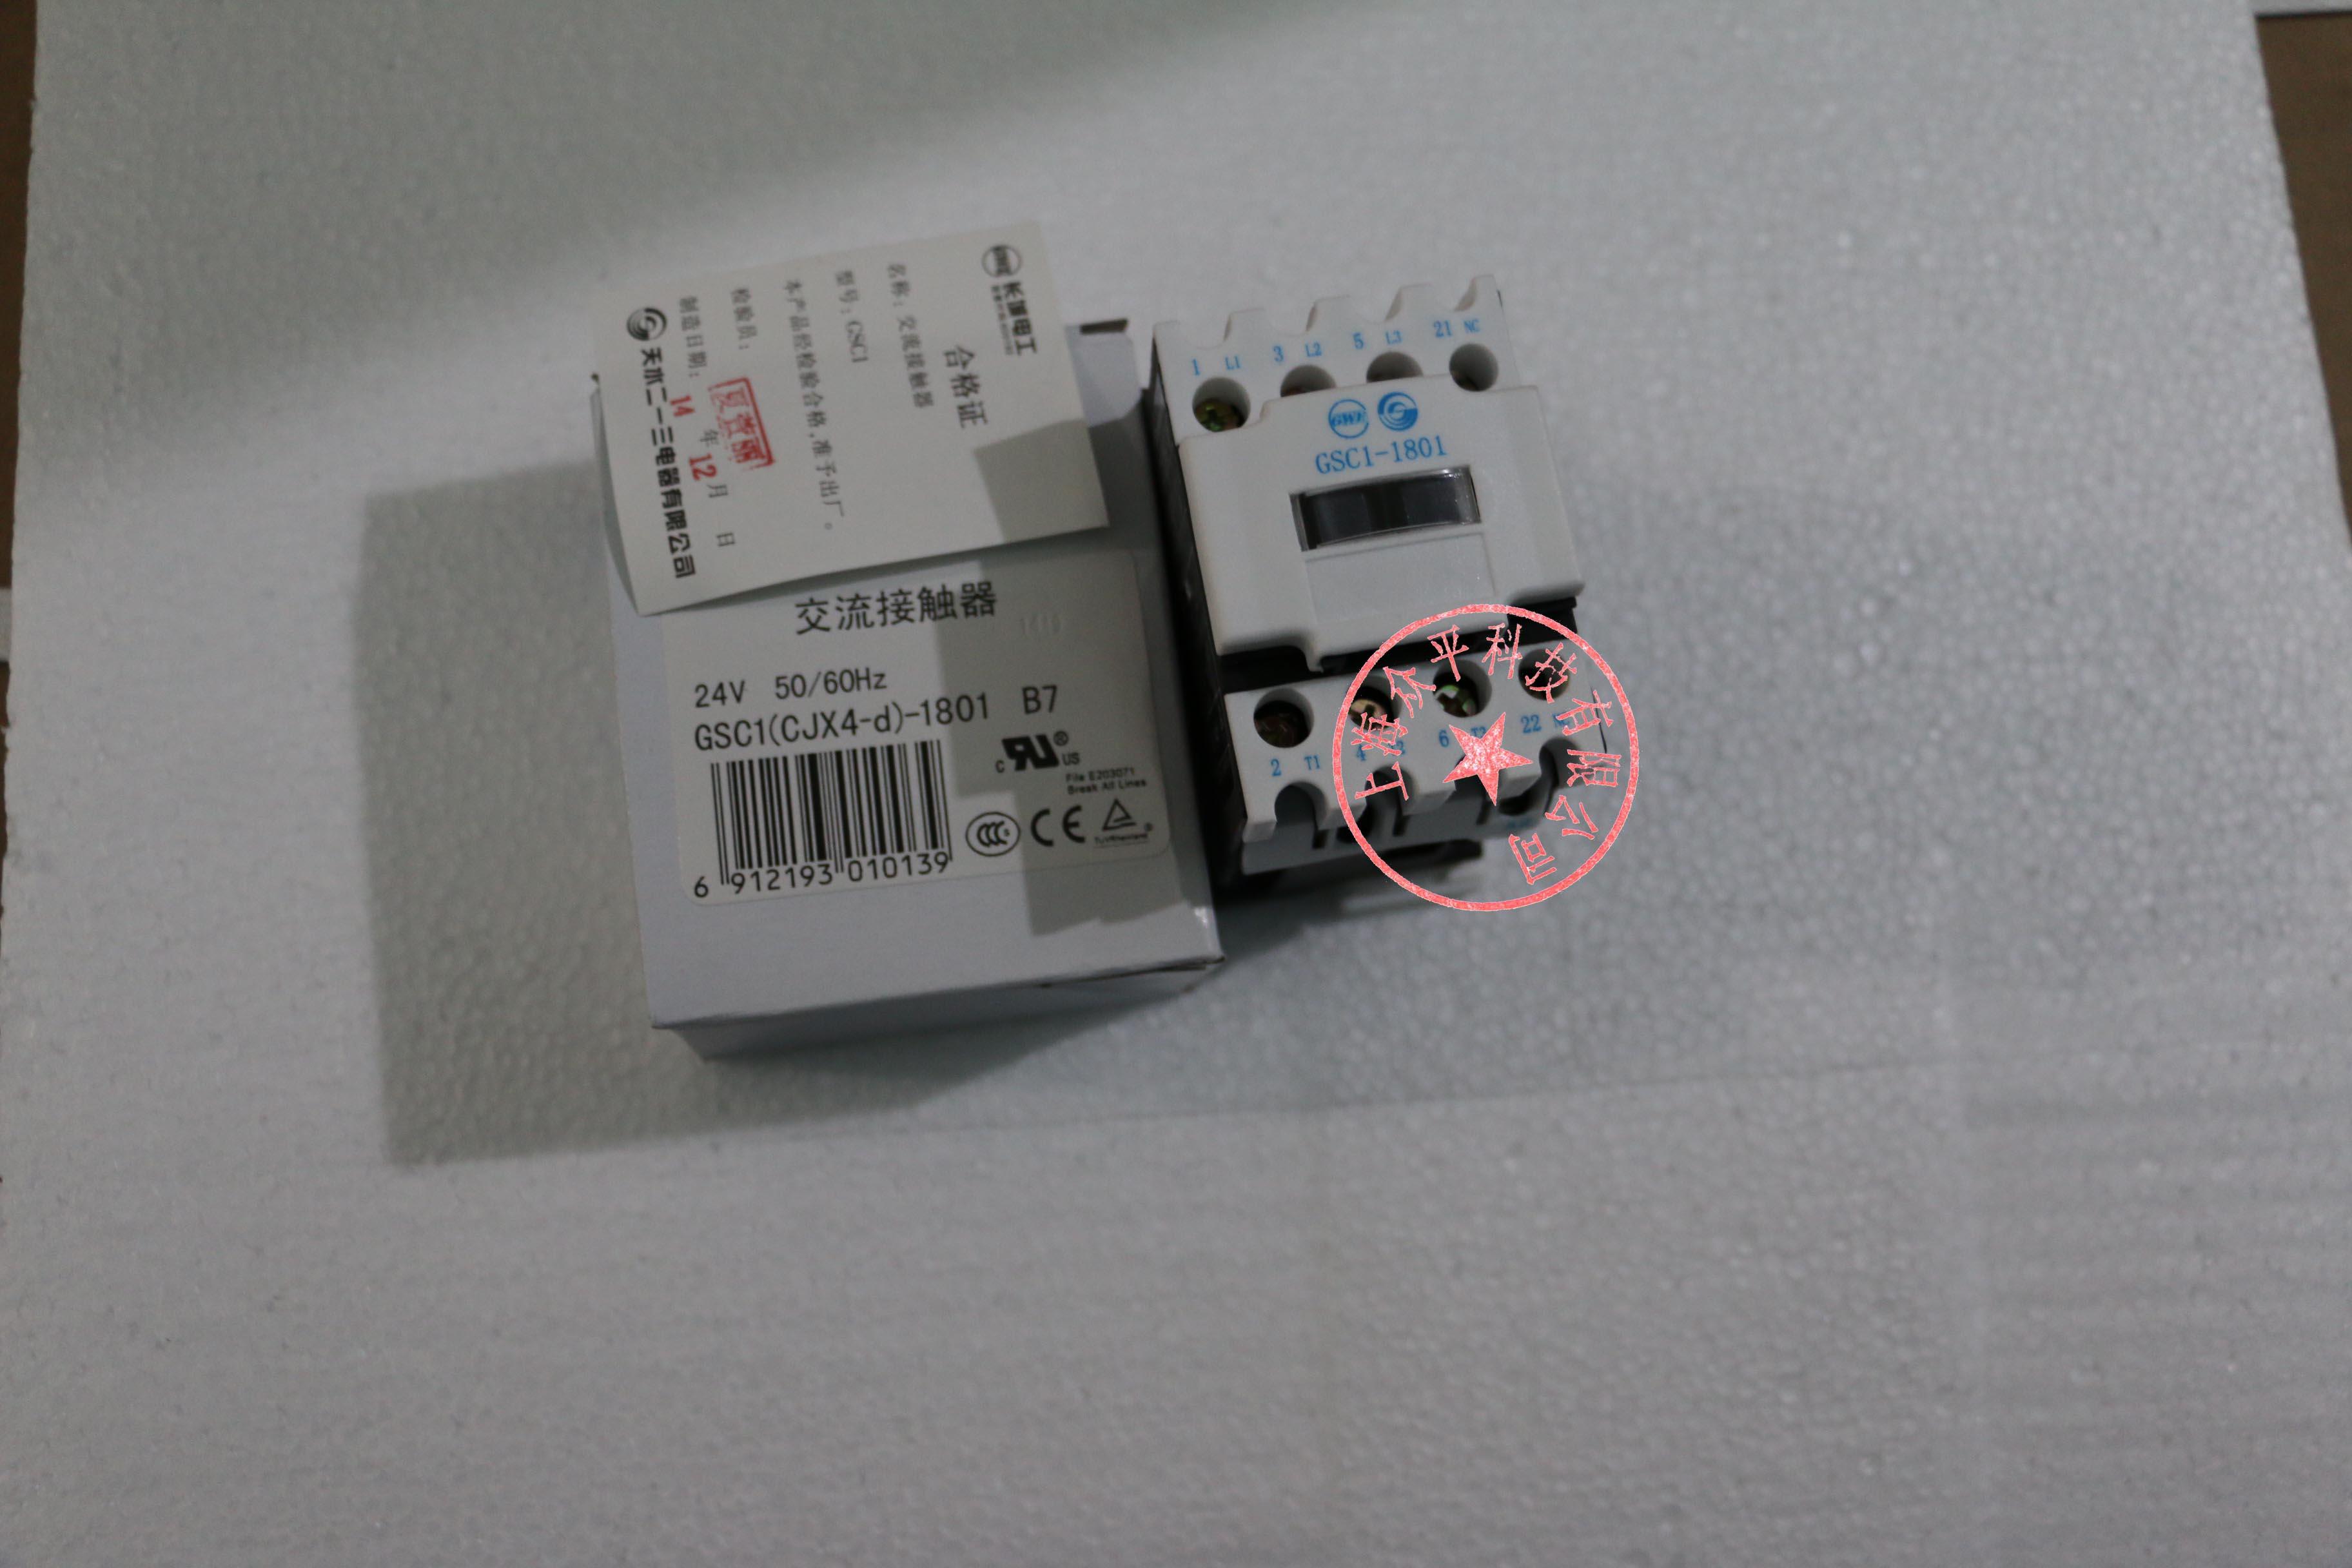 天水二一三 交流接触器  GSC1-18 18A 销售